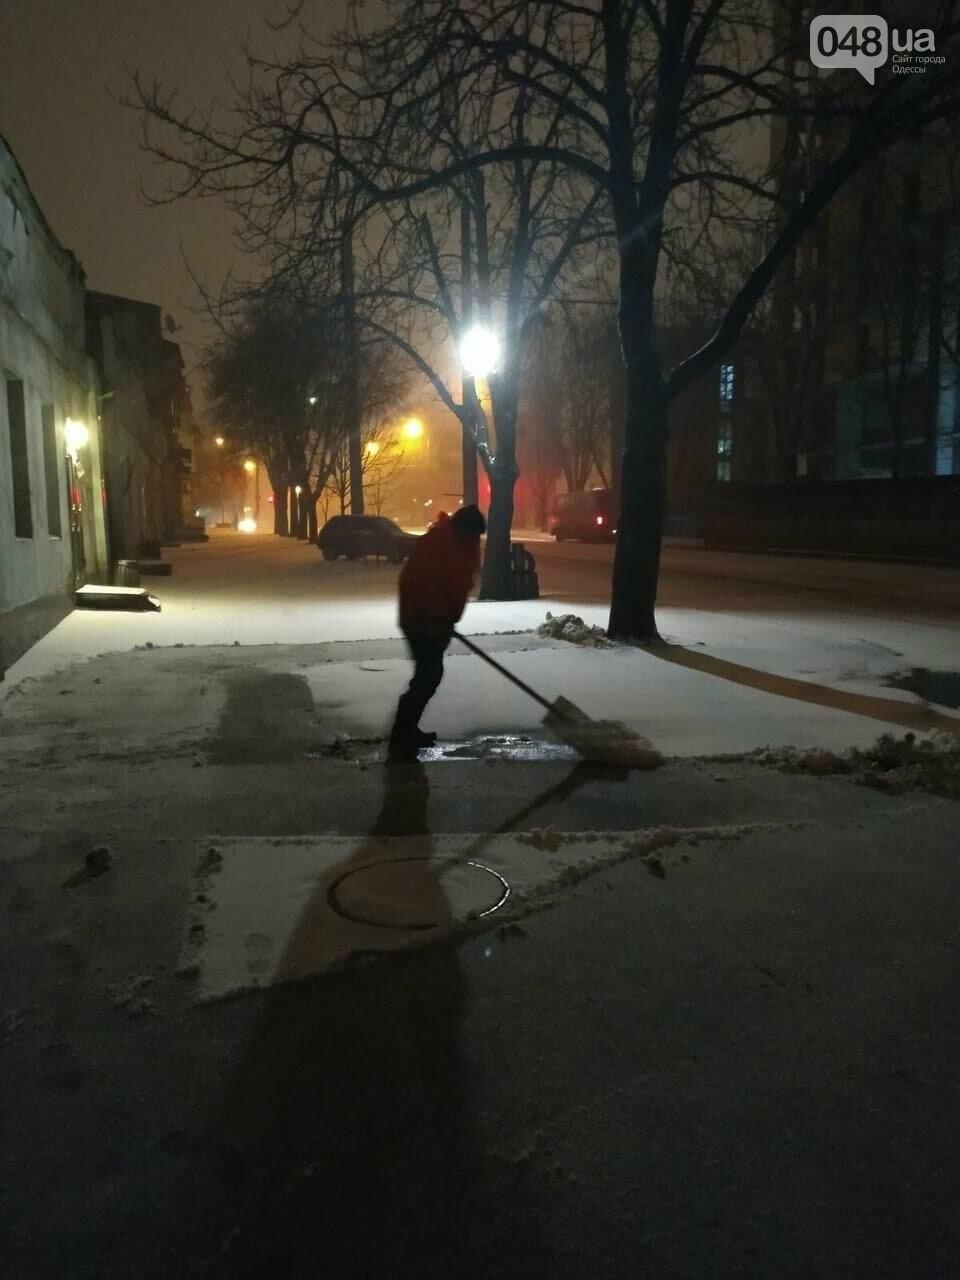 В Одессе около 100 автомобилей всю ночь разгребали снег и посыпали улицы,- ФОТО, ВИДЕО, фото-5